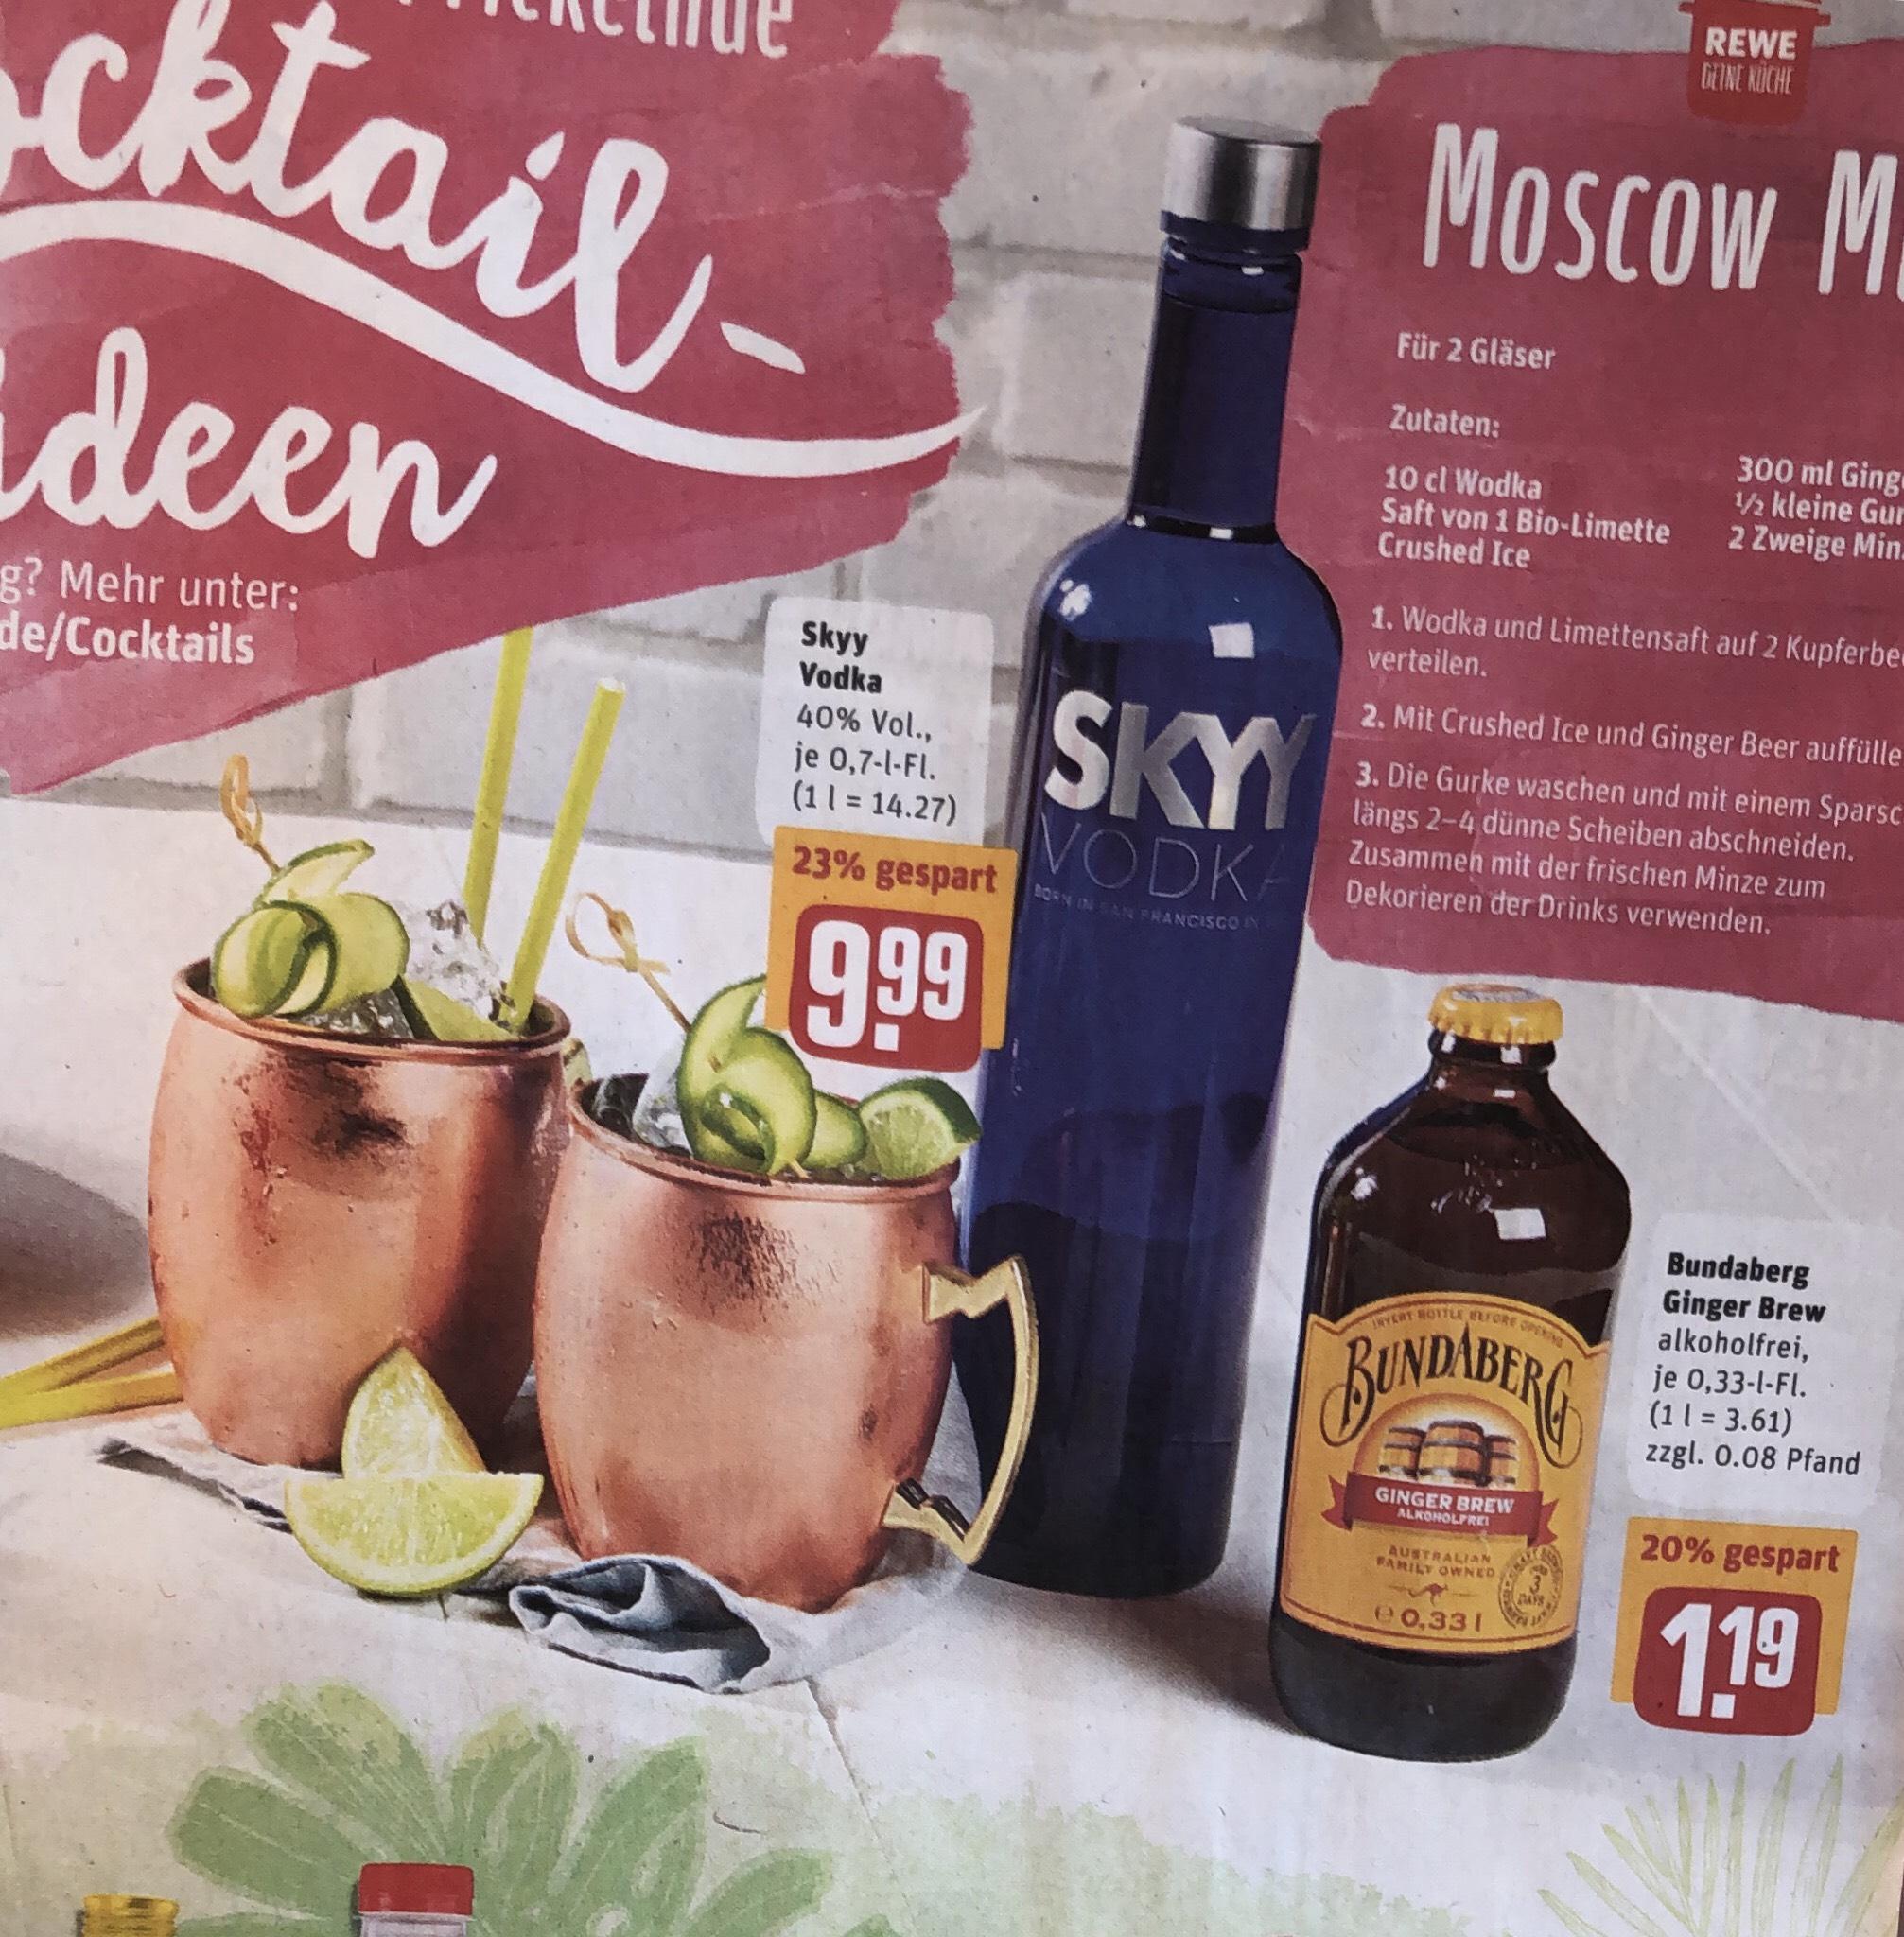 [REWE] Skyy Vodka und Budaberg Ginger Brew für Moscow Mule